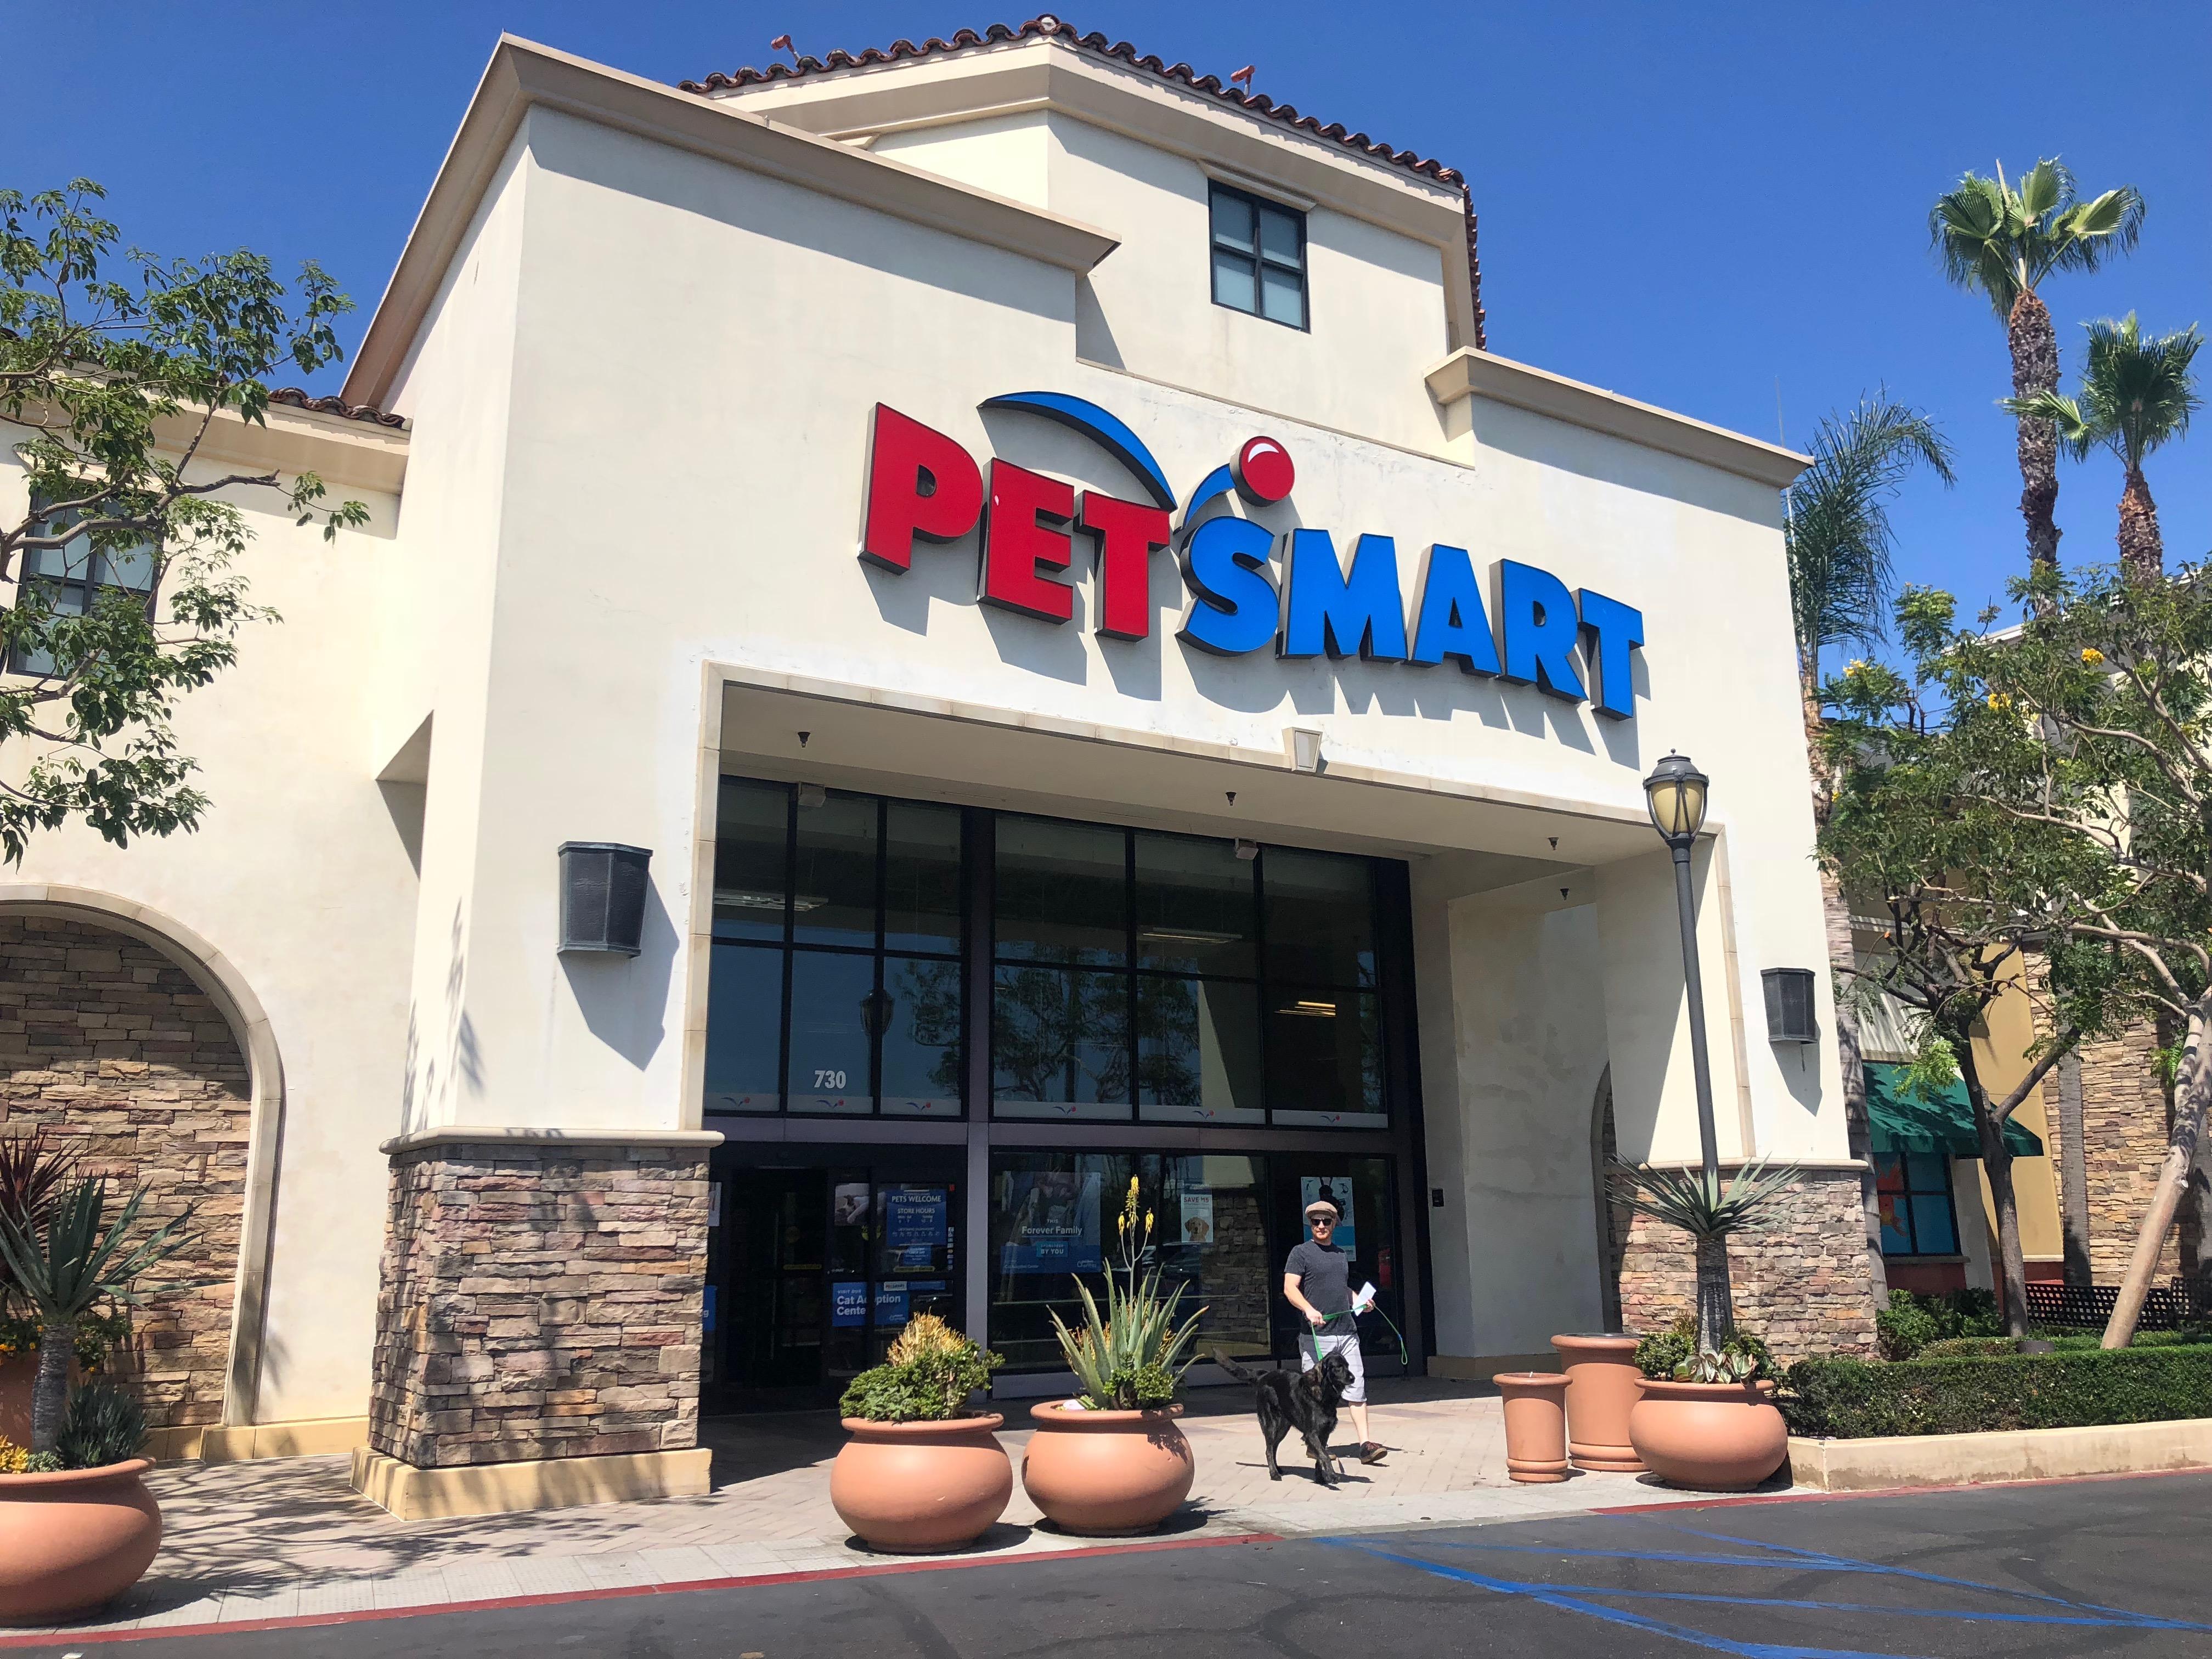 アメリカのペットショップ「PET SMART」の現地リポート!ペット先進国のペットショップ店内を徹底解説